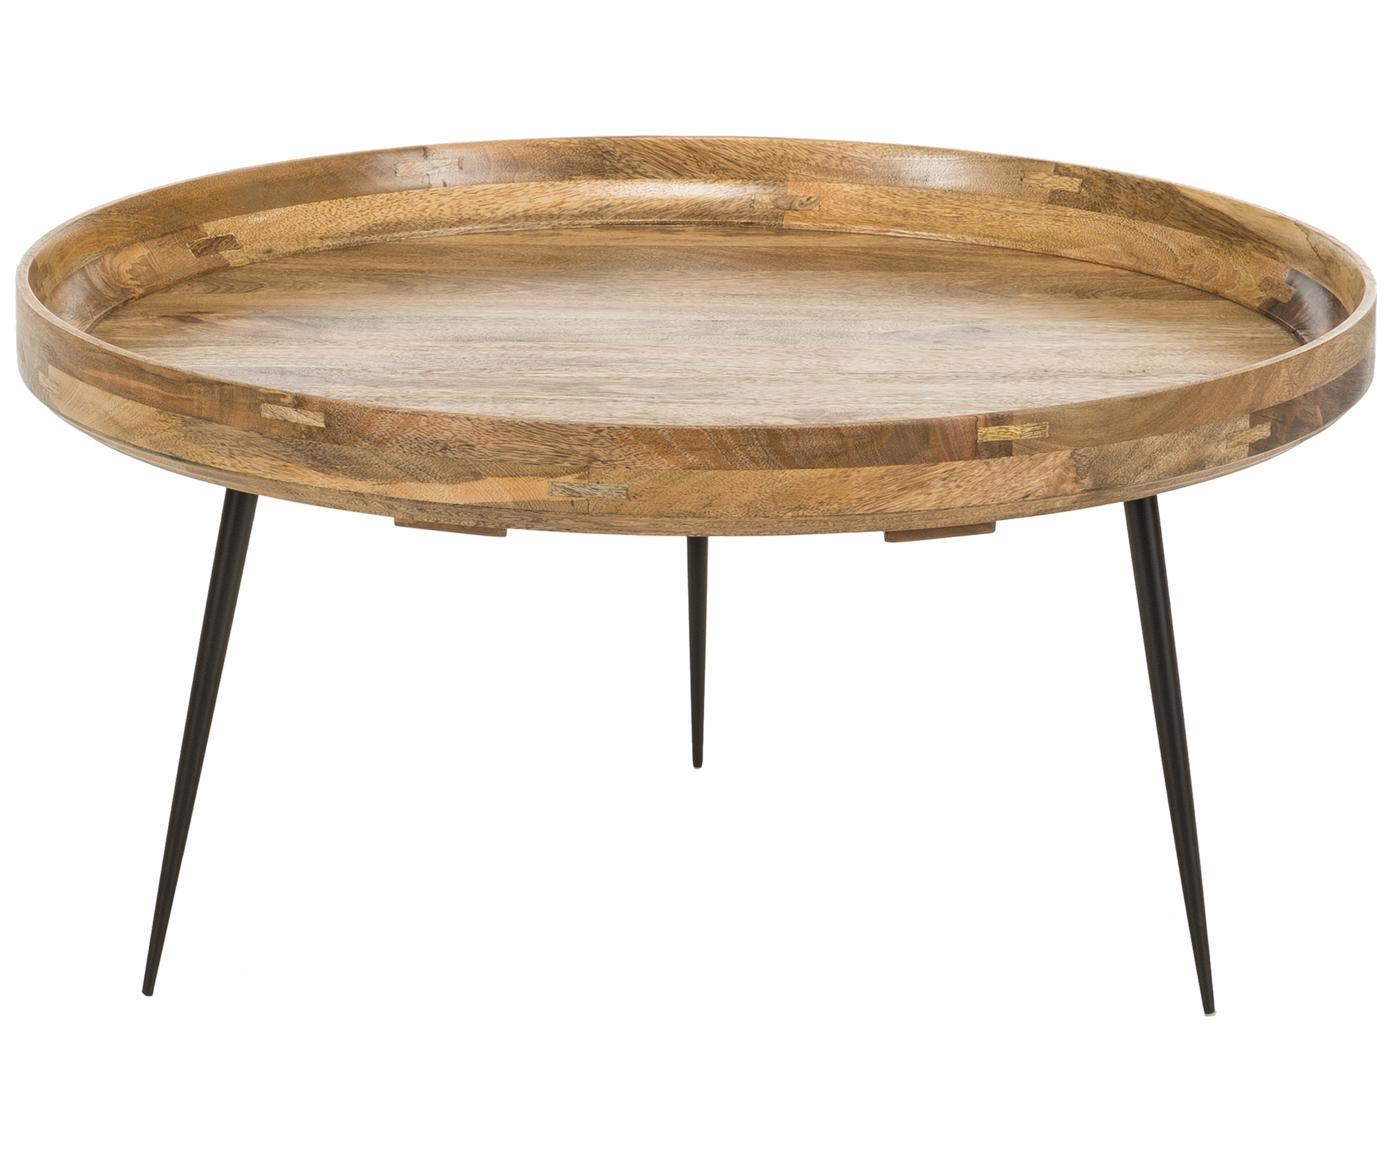 Tavolino da salotto di design Bowl Table, Piano d'appoggio: legno di mango, verniciat, Gambe: acciaio, verniciato a pol, Marrone, Ø 75 x Alt. 38 cm